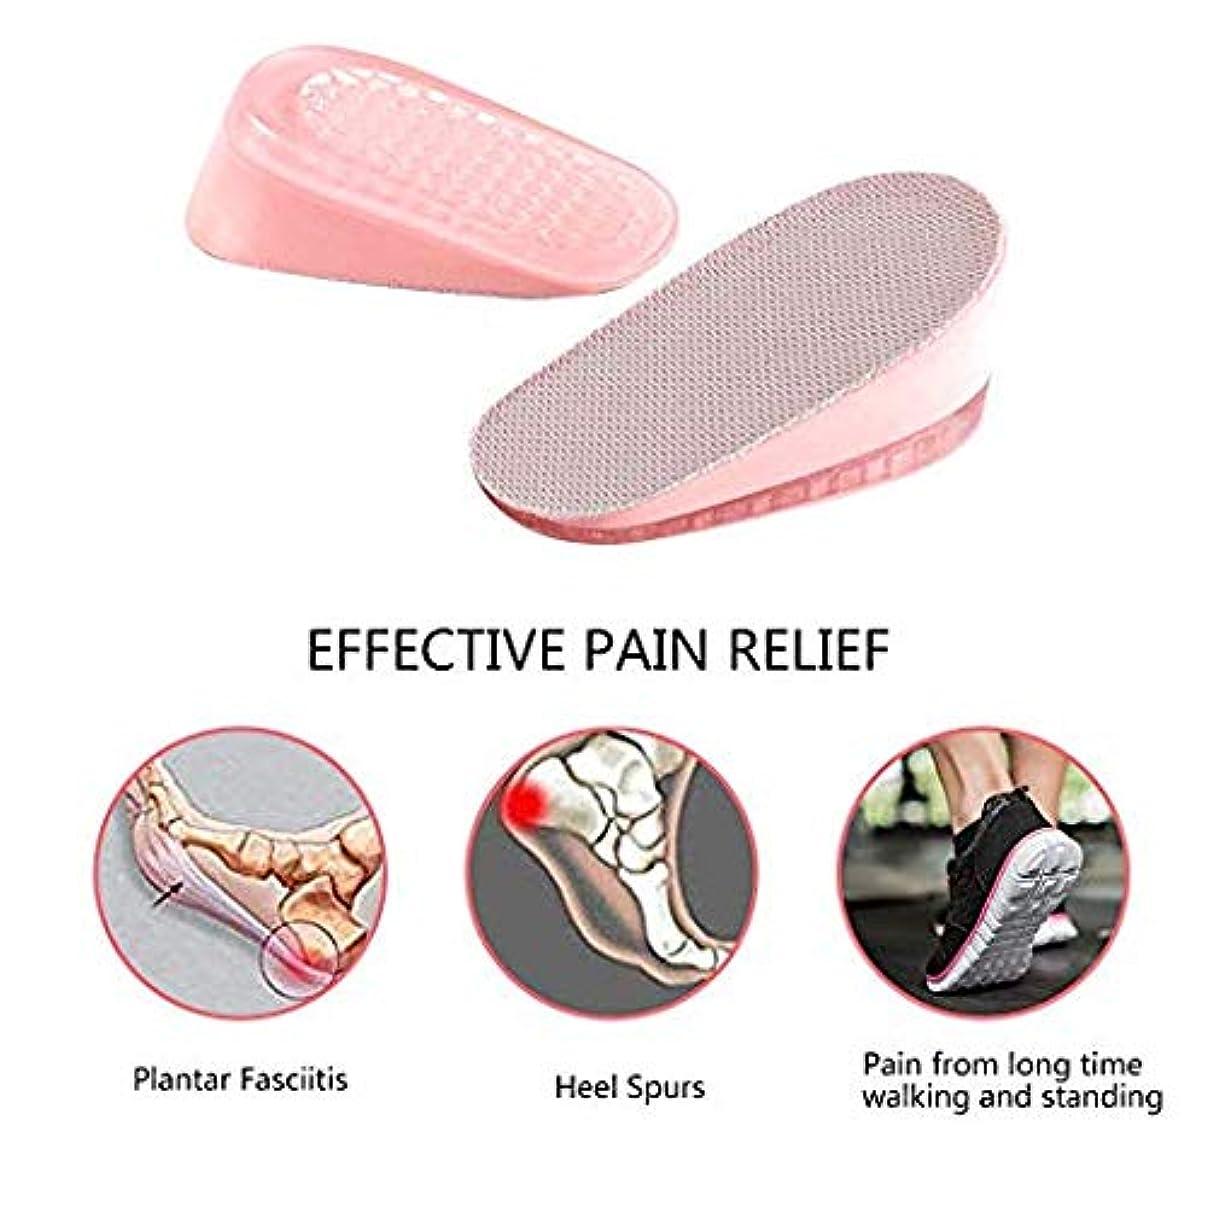 構成員単に接尾辞痛み足底筋膜炎インソール| ヒールシートフットオルソティックインサート、ヒールペインおよびヒールスパーズ用ヒールカップ。